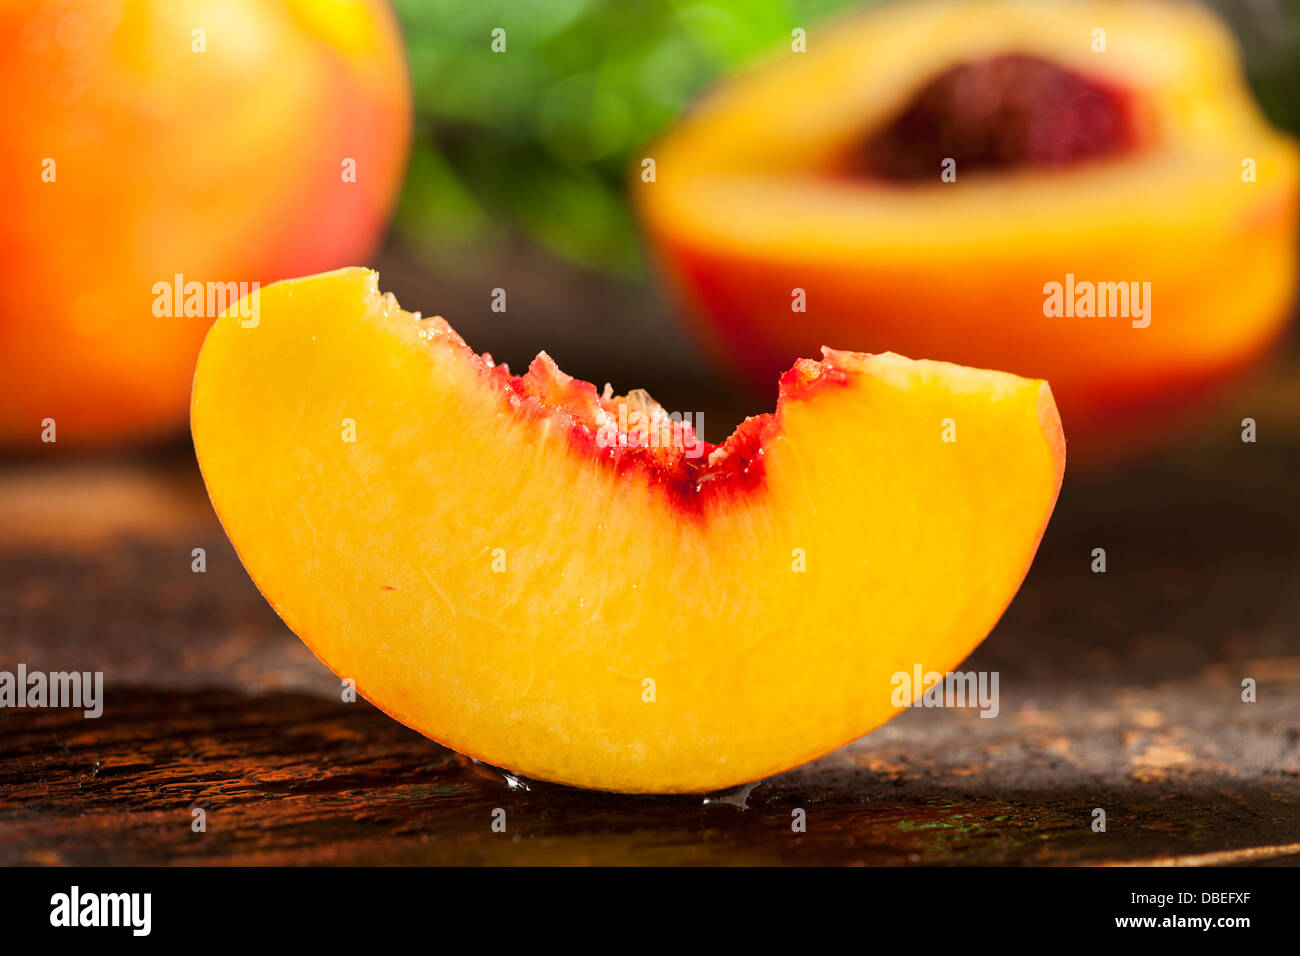 Organici di arance mature le pesche su uno sfondo Immagini Stock